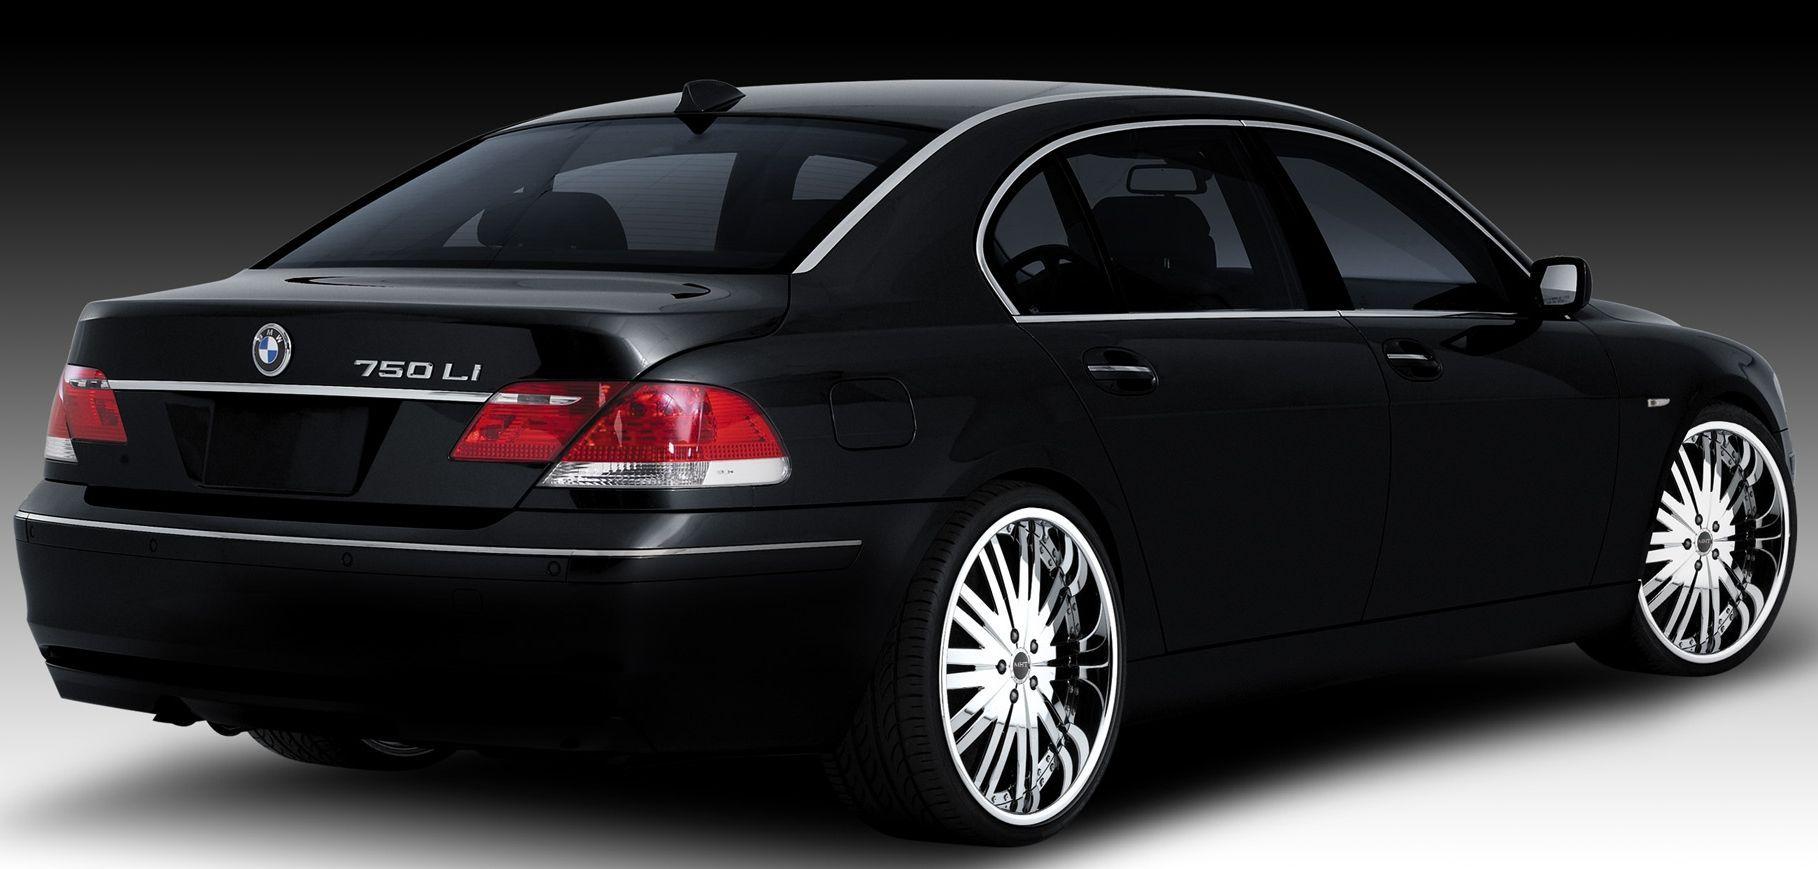 BMW I Bmwibmwibmwlibmwlibmwlifb - 2005 bmw 740i